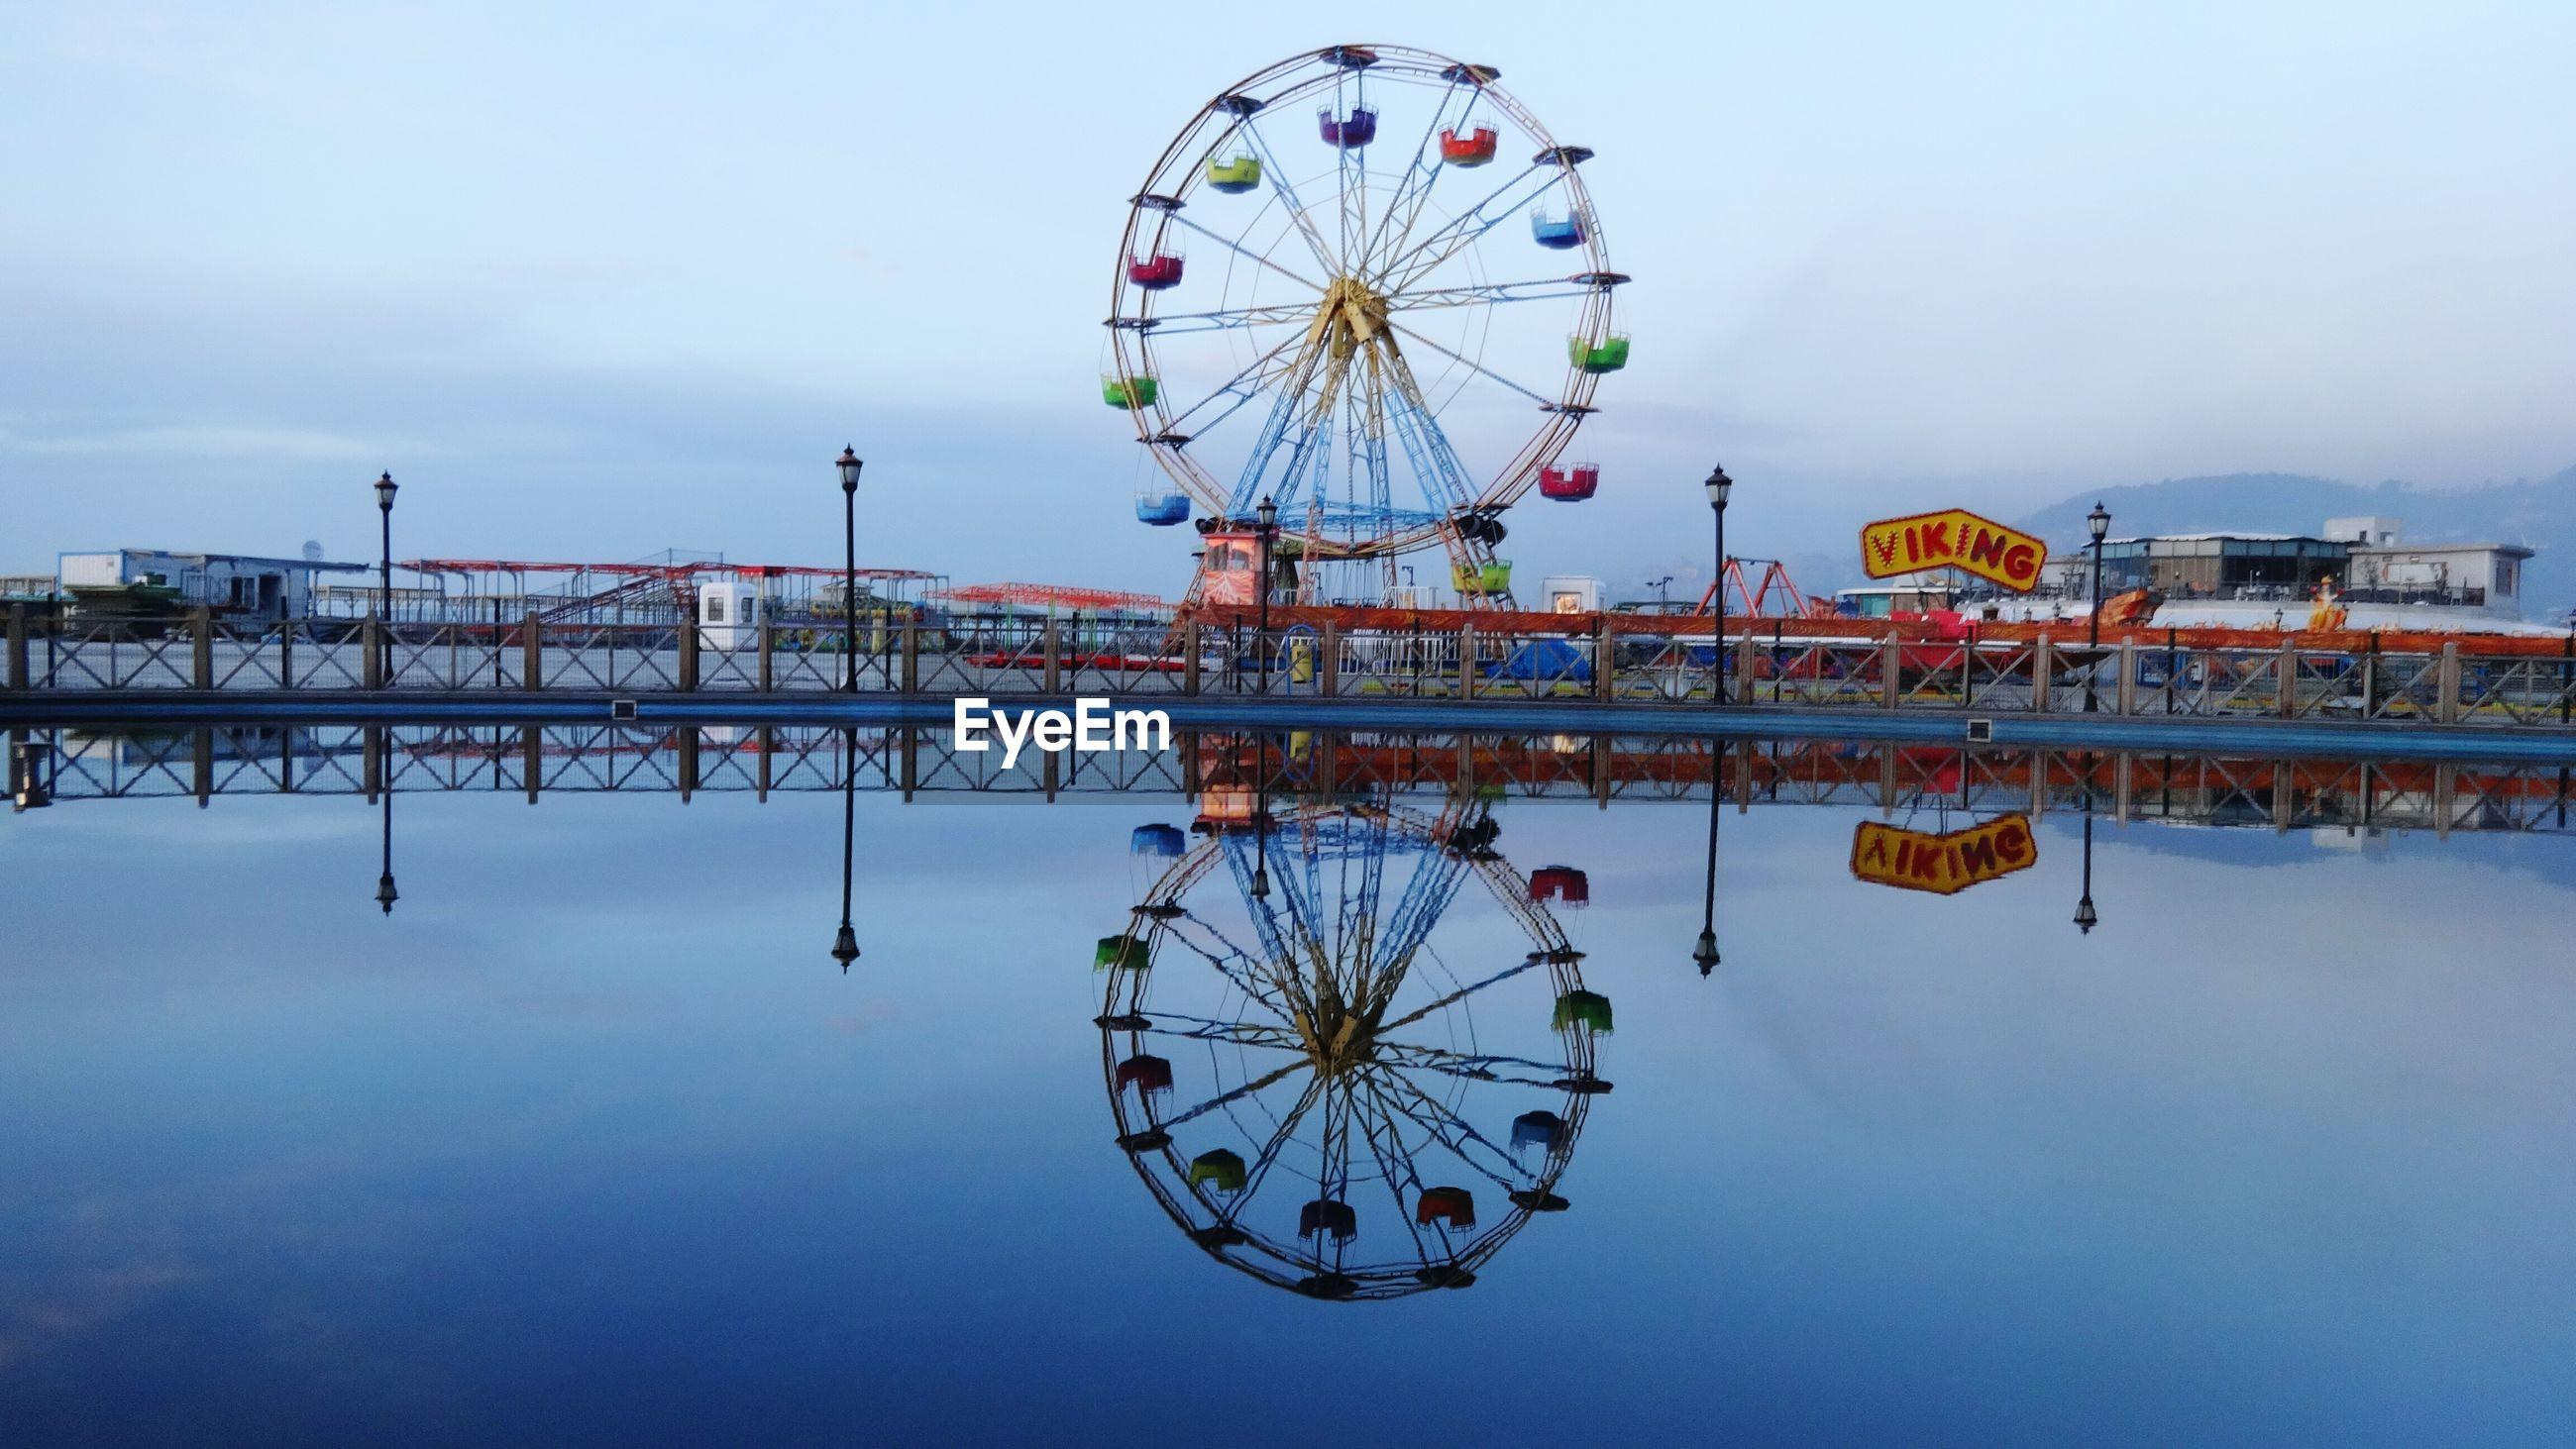 Reflection of ferris wheel in lake